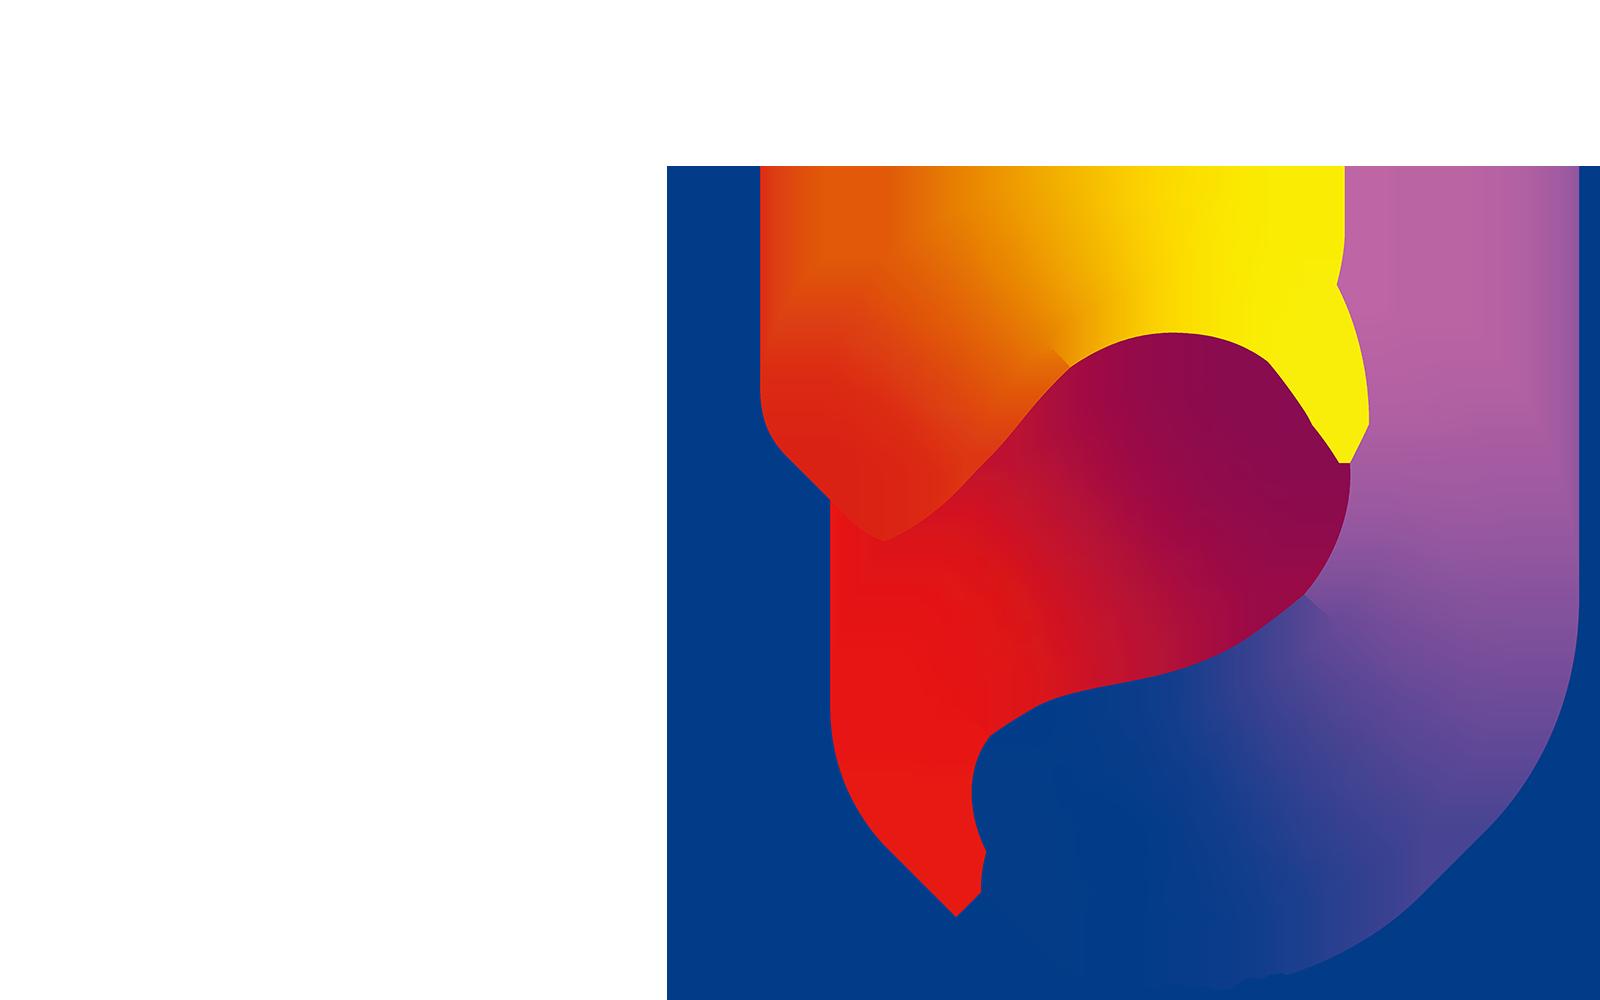 2019-20年度 RIテーマ ロータリーは世界をつなぐ